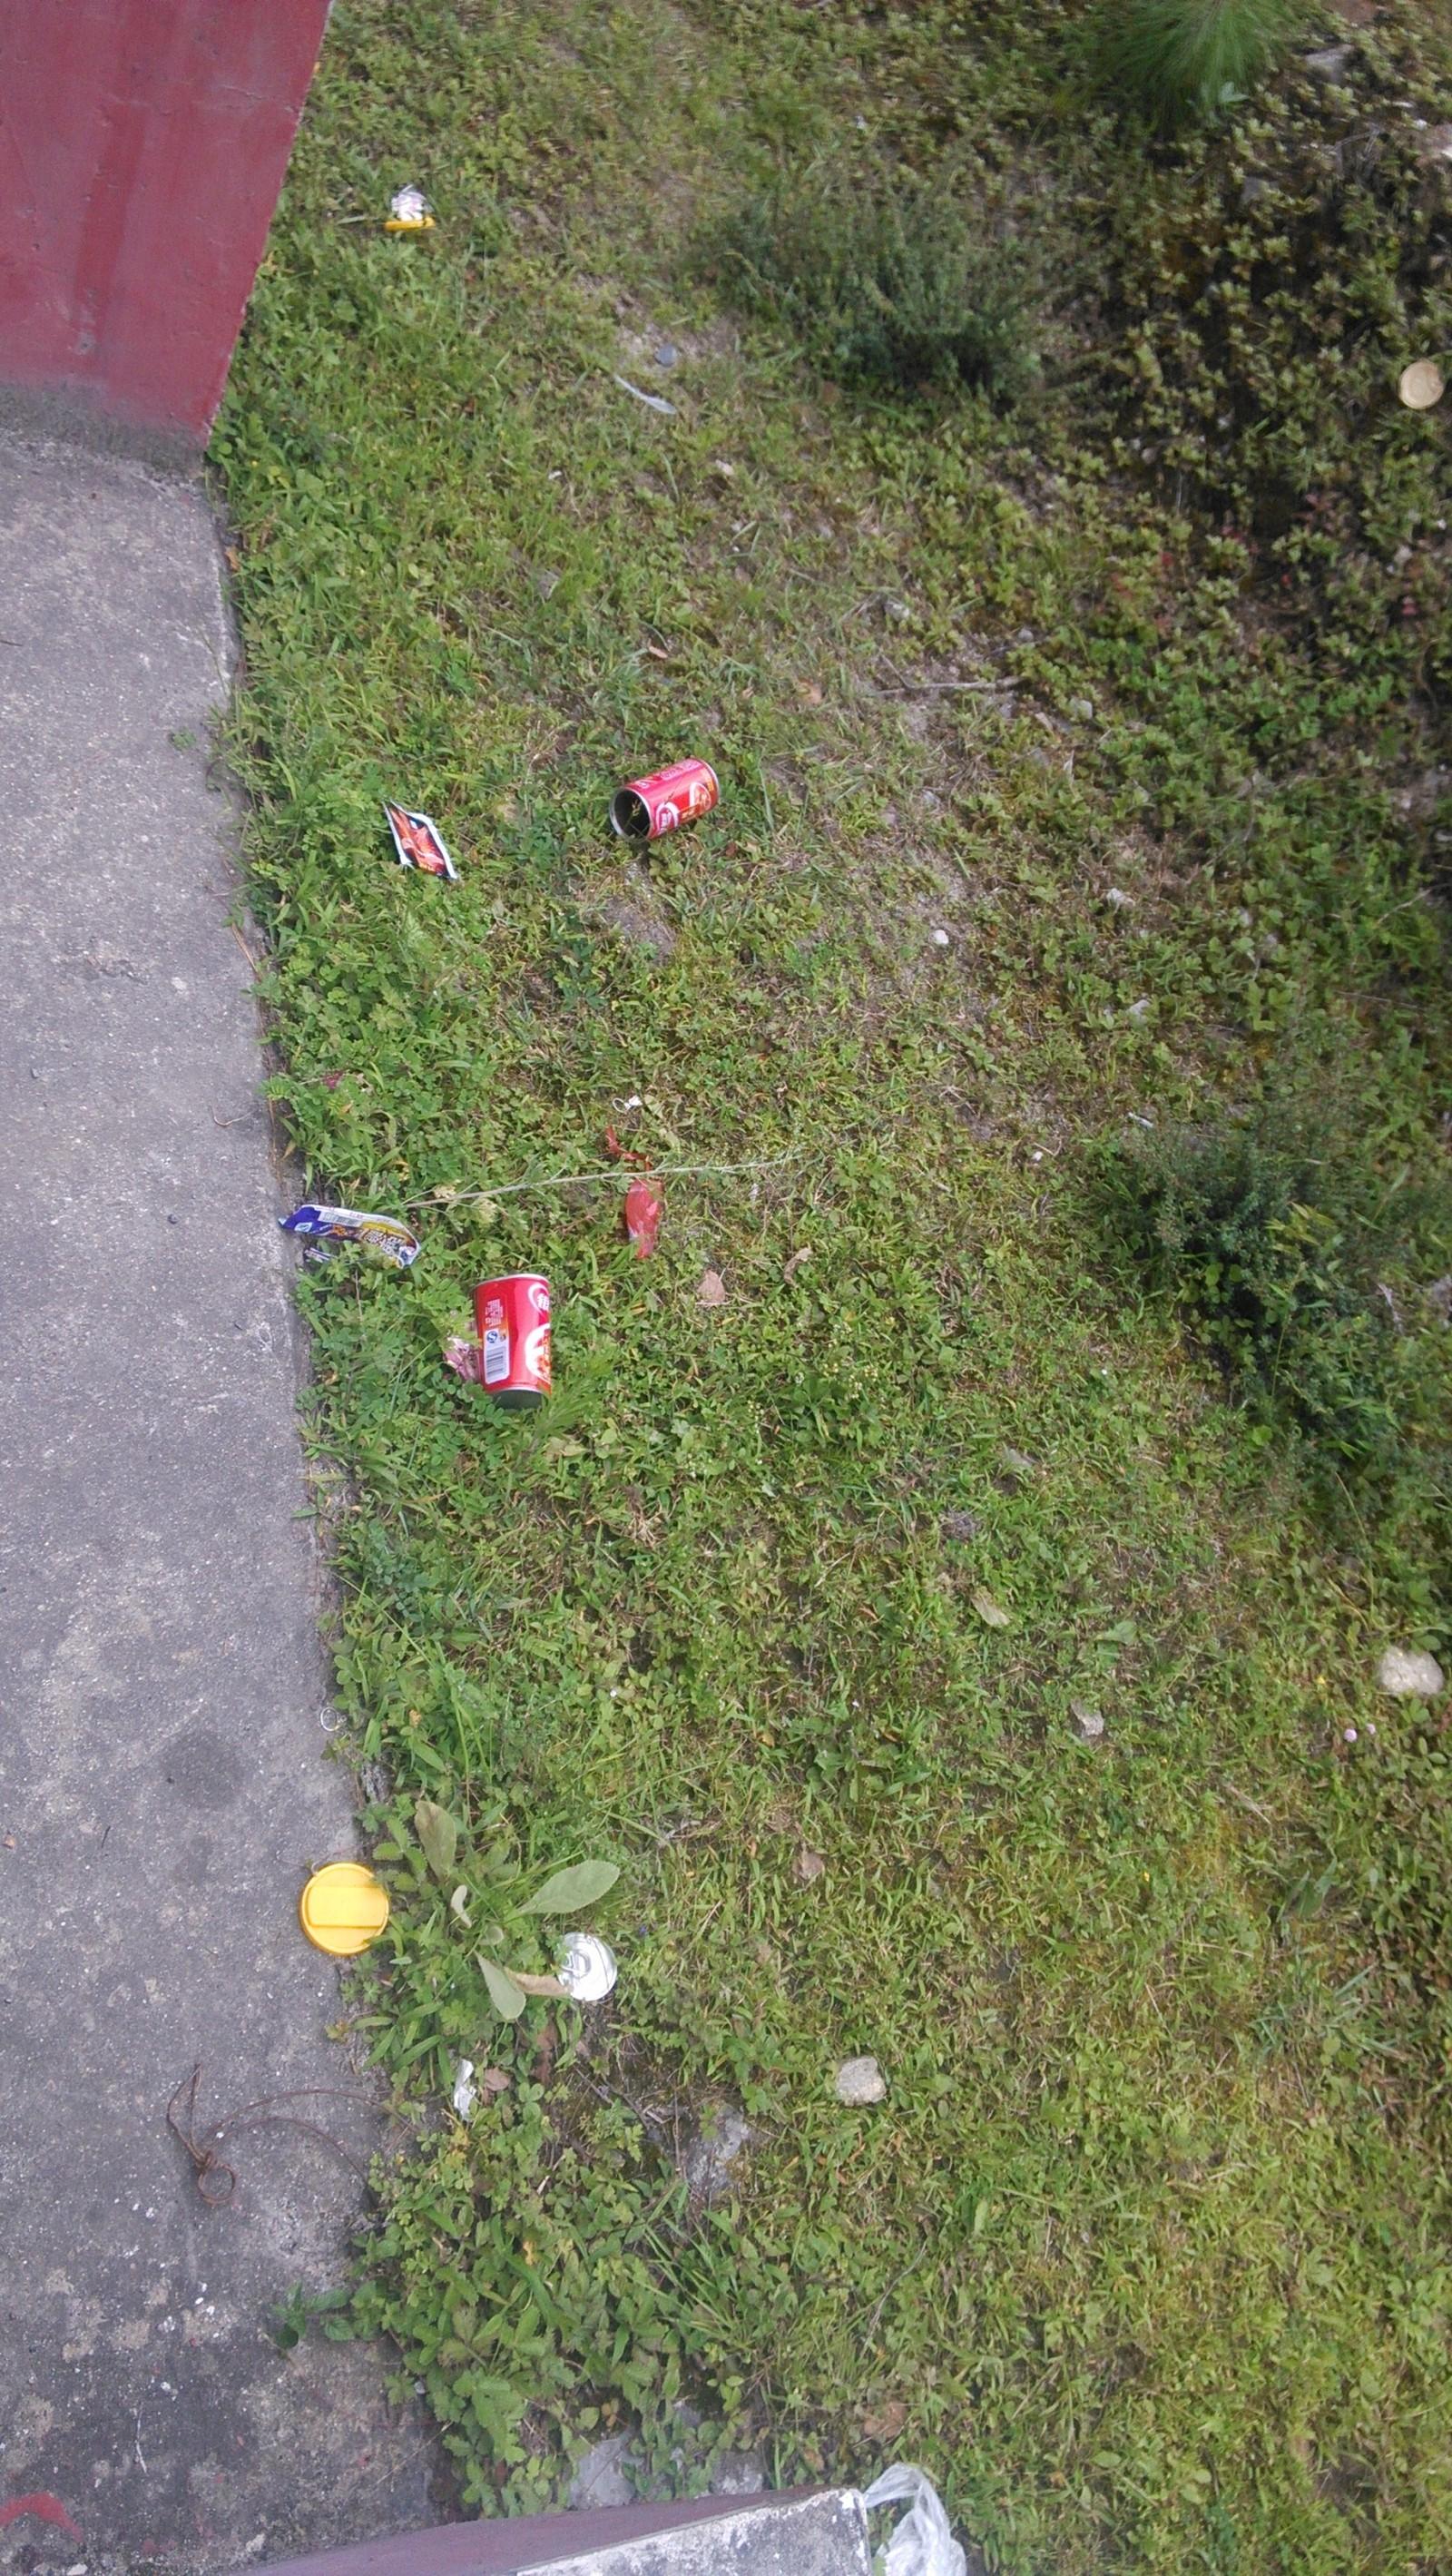 公路边有不少垃圾,再干净的地方都会被糟蹋的啊